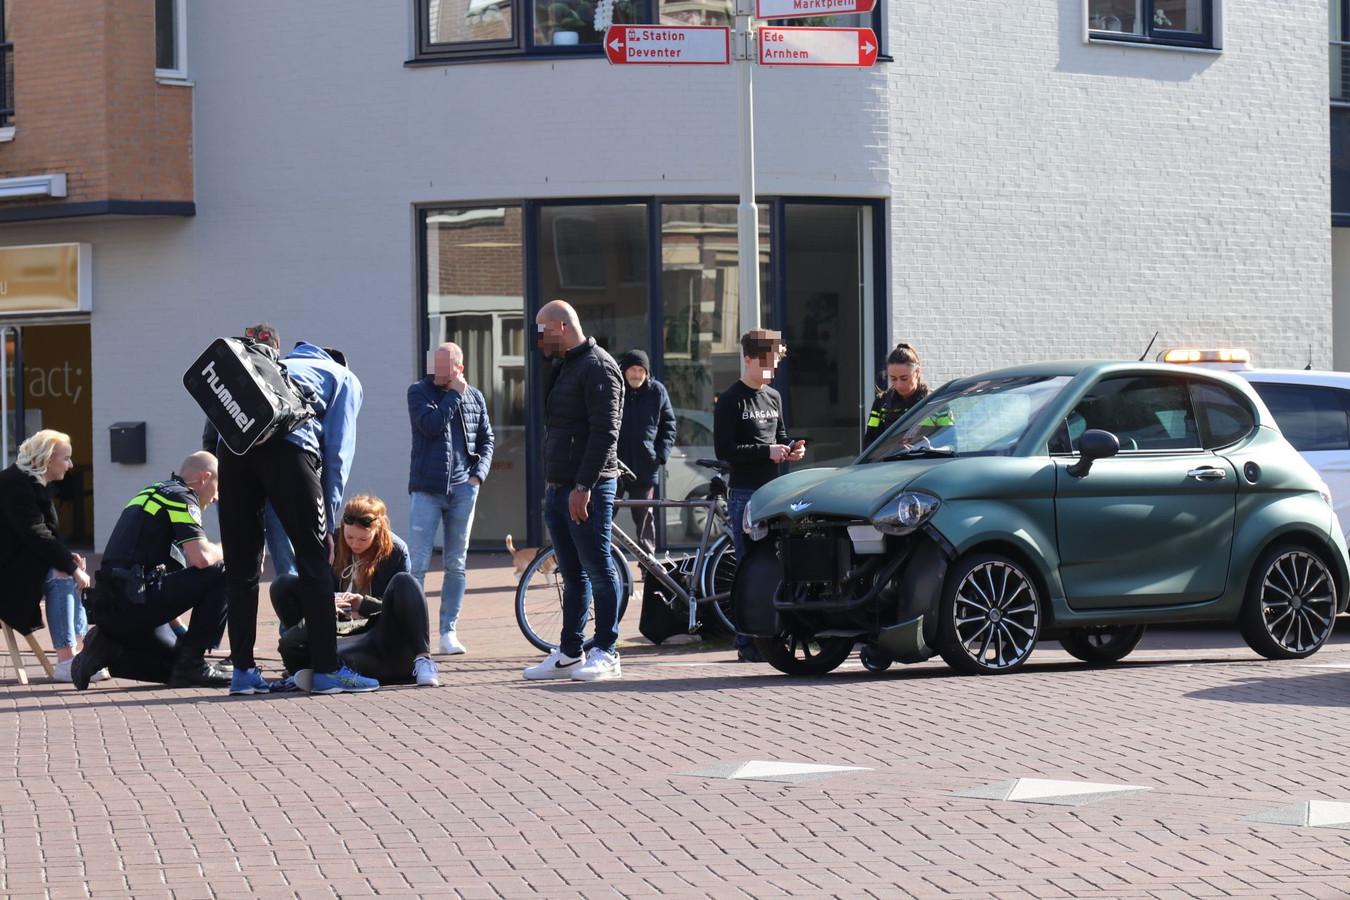 Het meisje op de scooter ligt op straat en wordt geholpen door omstanders.